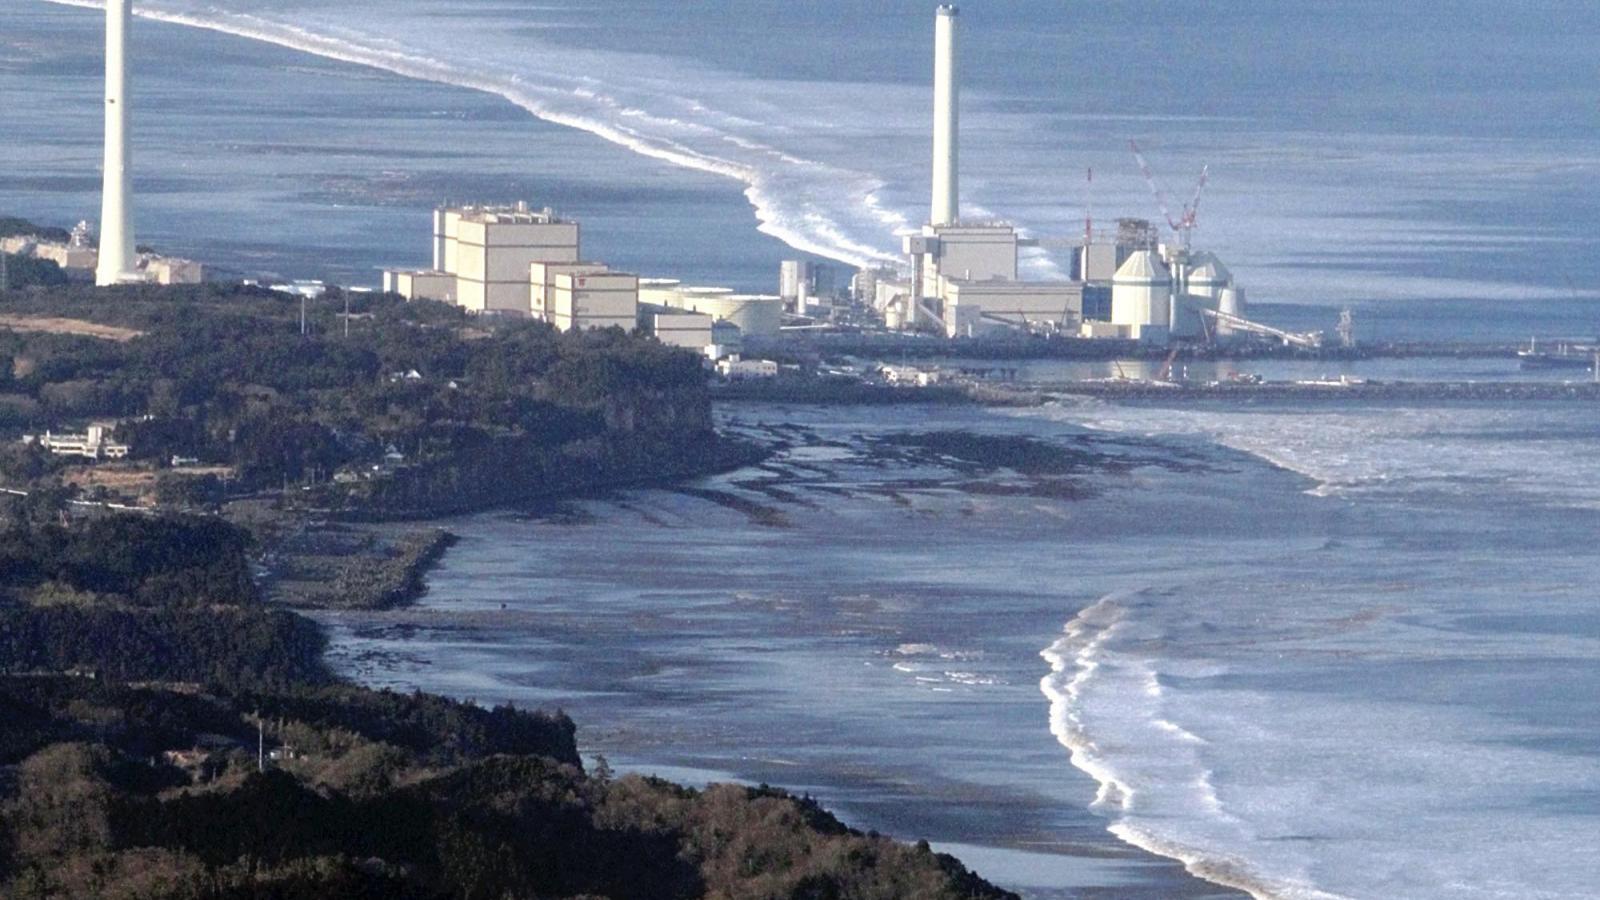 Obrázky, které obletěly celý svět. Oceán se valí na fukušimskou elektrárnu